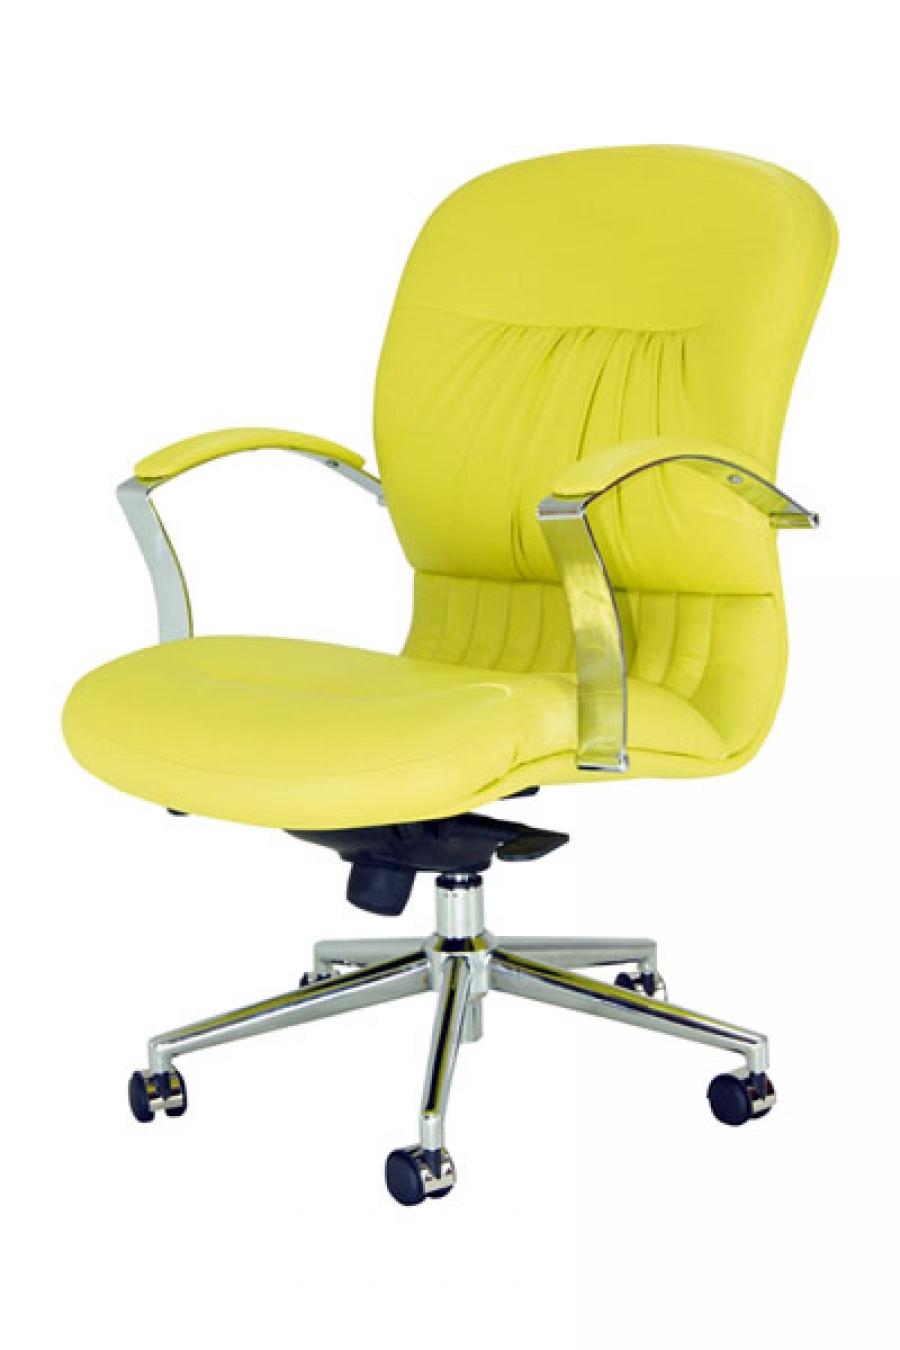 Sillas modernas elegant sillas modernas para tu casa with for Sillas clasicas modernas